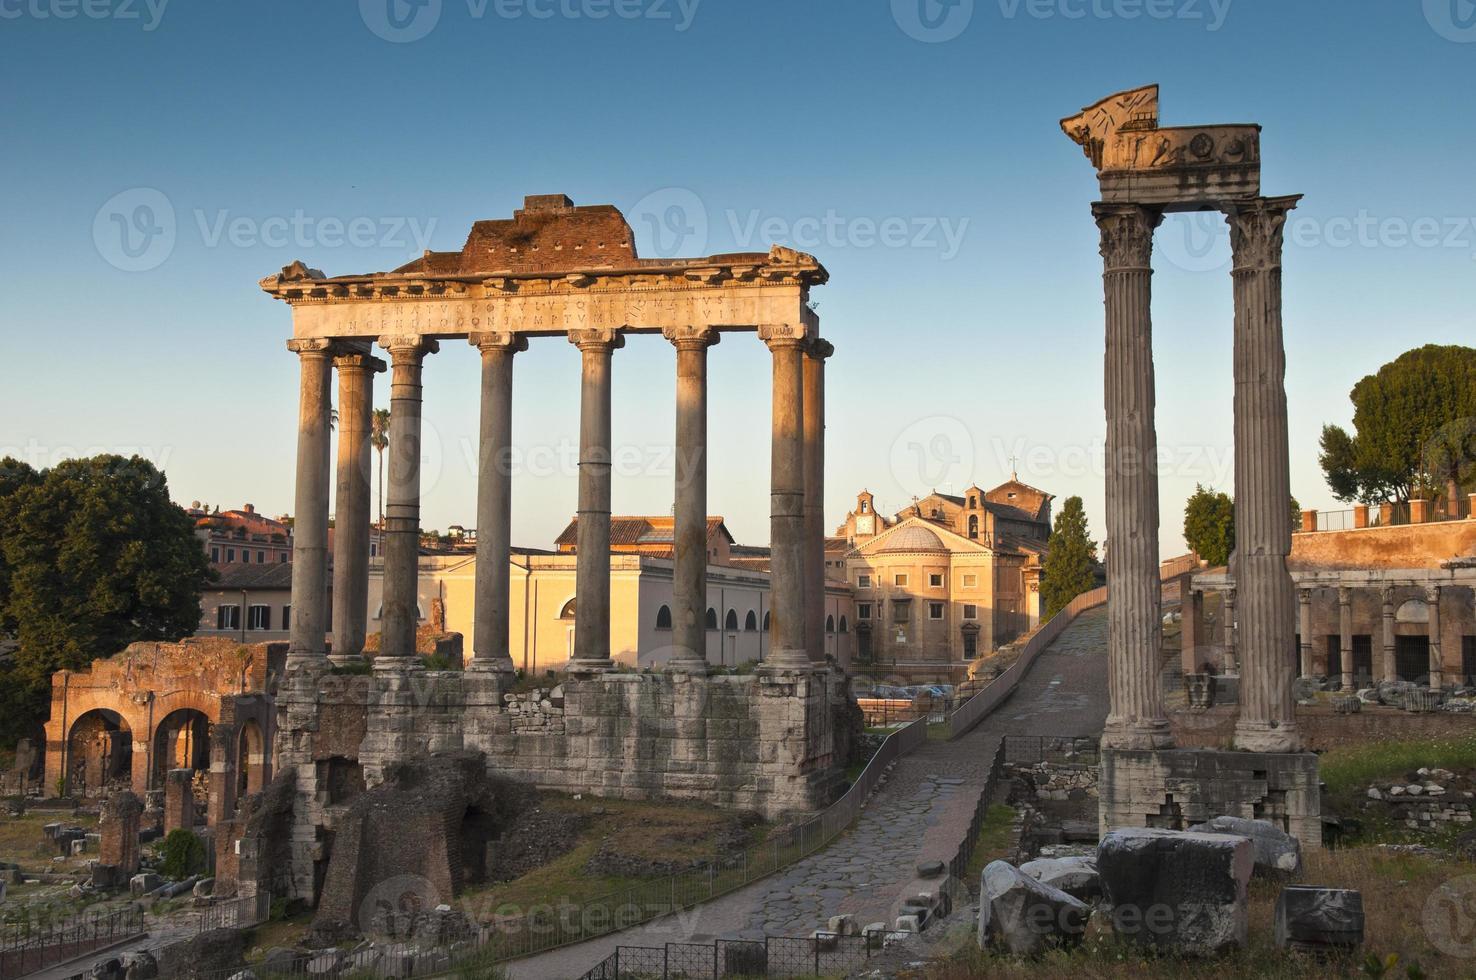 forum romain antique, rome photo